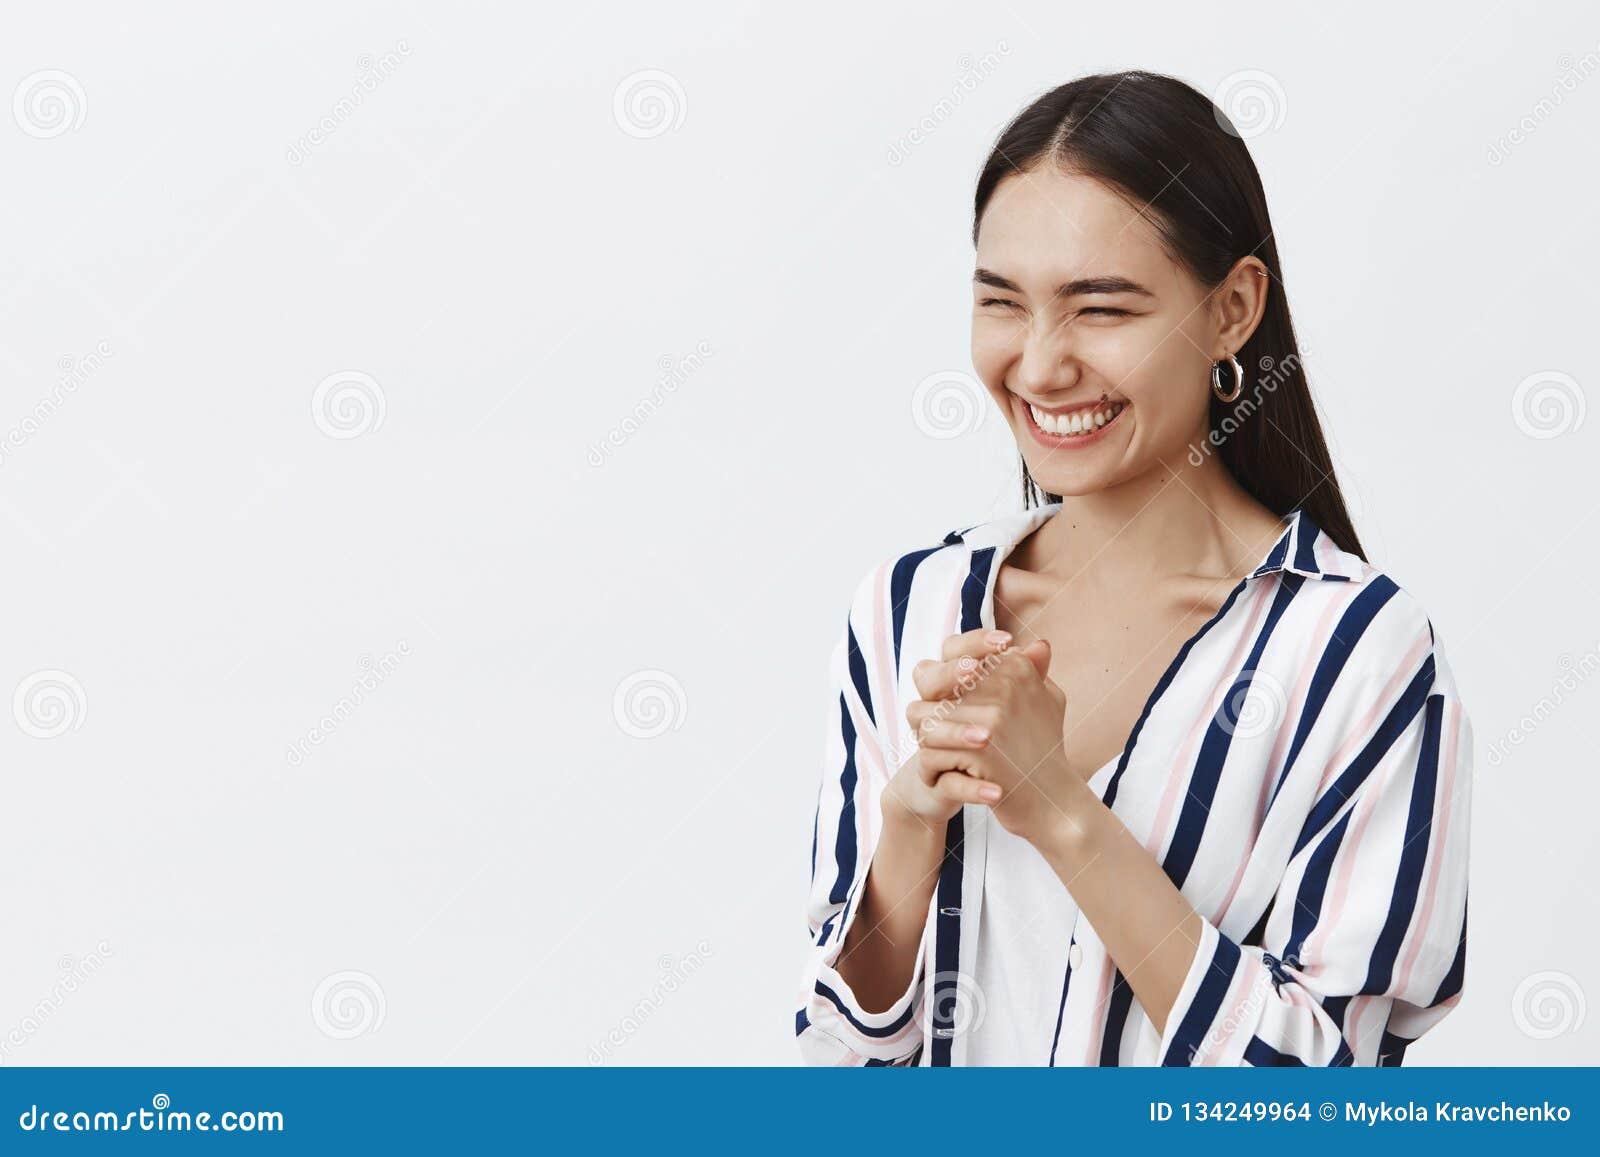 Женщина grinning и торжествуя, делая план приходит верно Портрет положительной симпатичной подруги с естественным